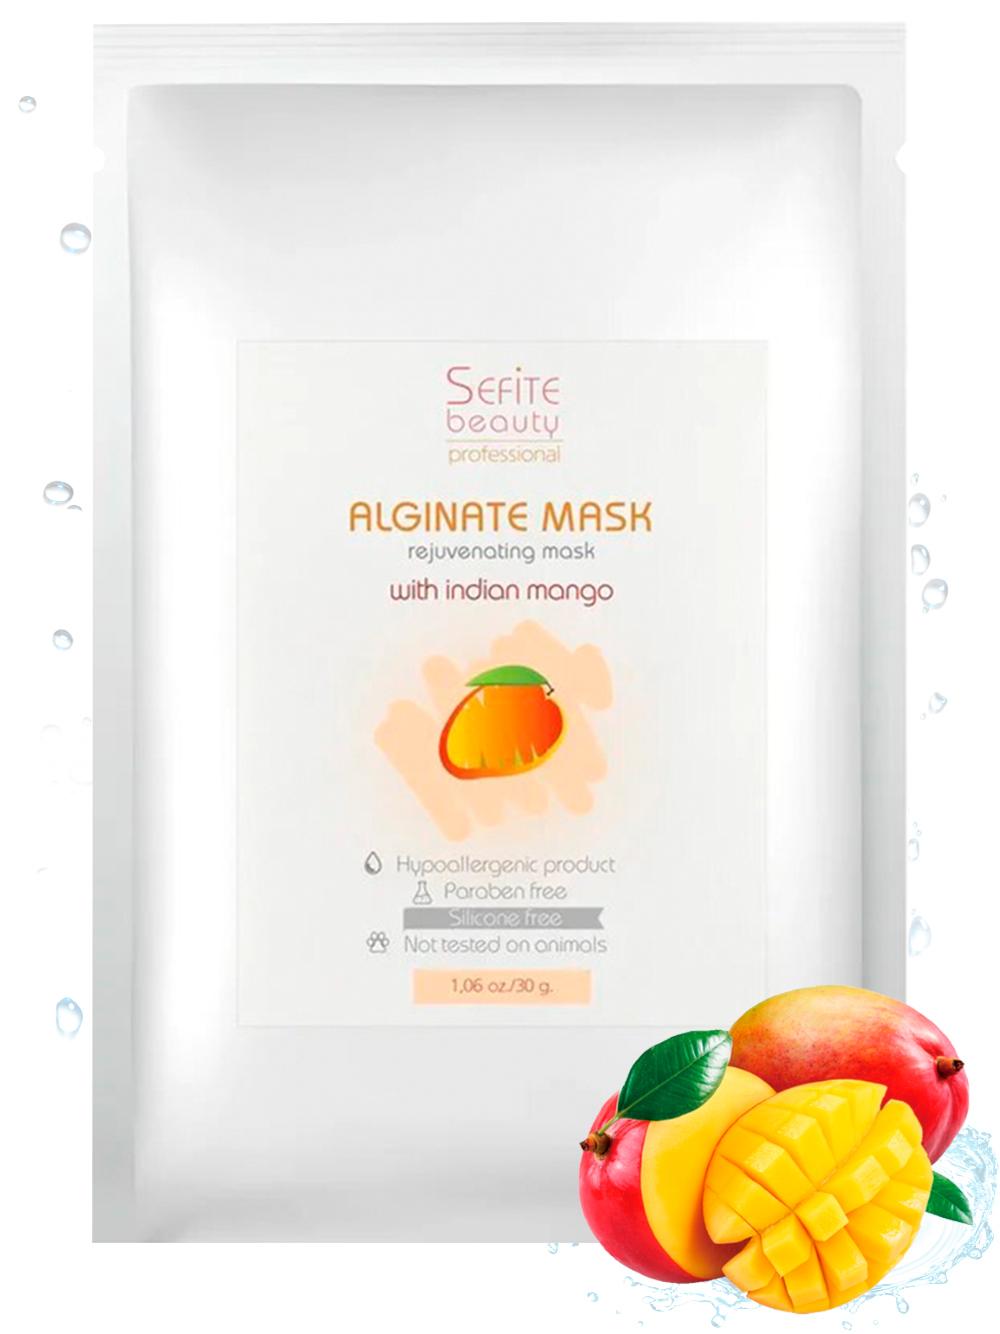 Омолаживающая альгинатная маска с индийским манго, 30гр.